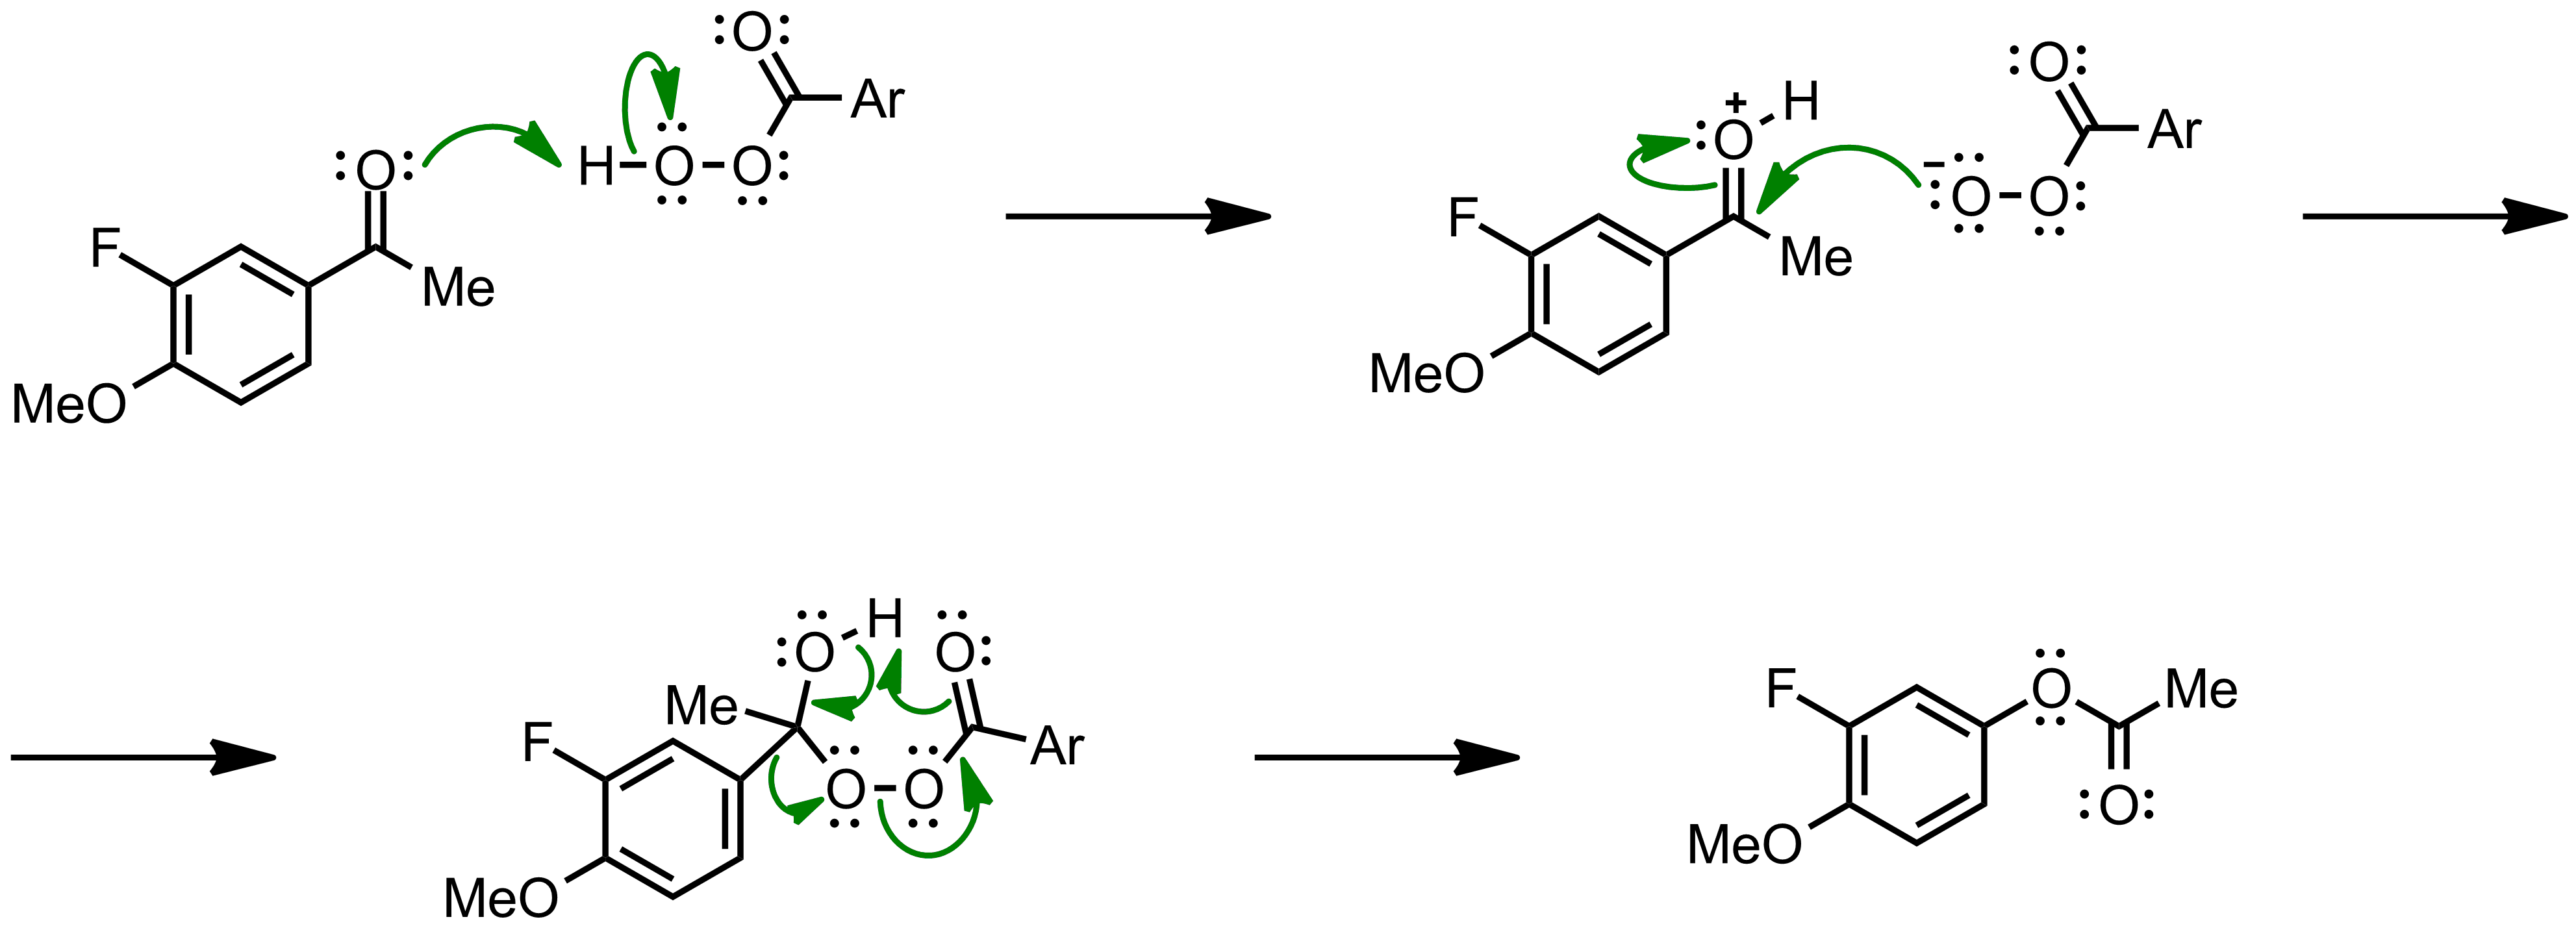 Mechanism of the Baeyer-Villiger Oxidation